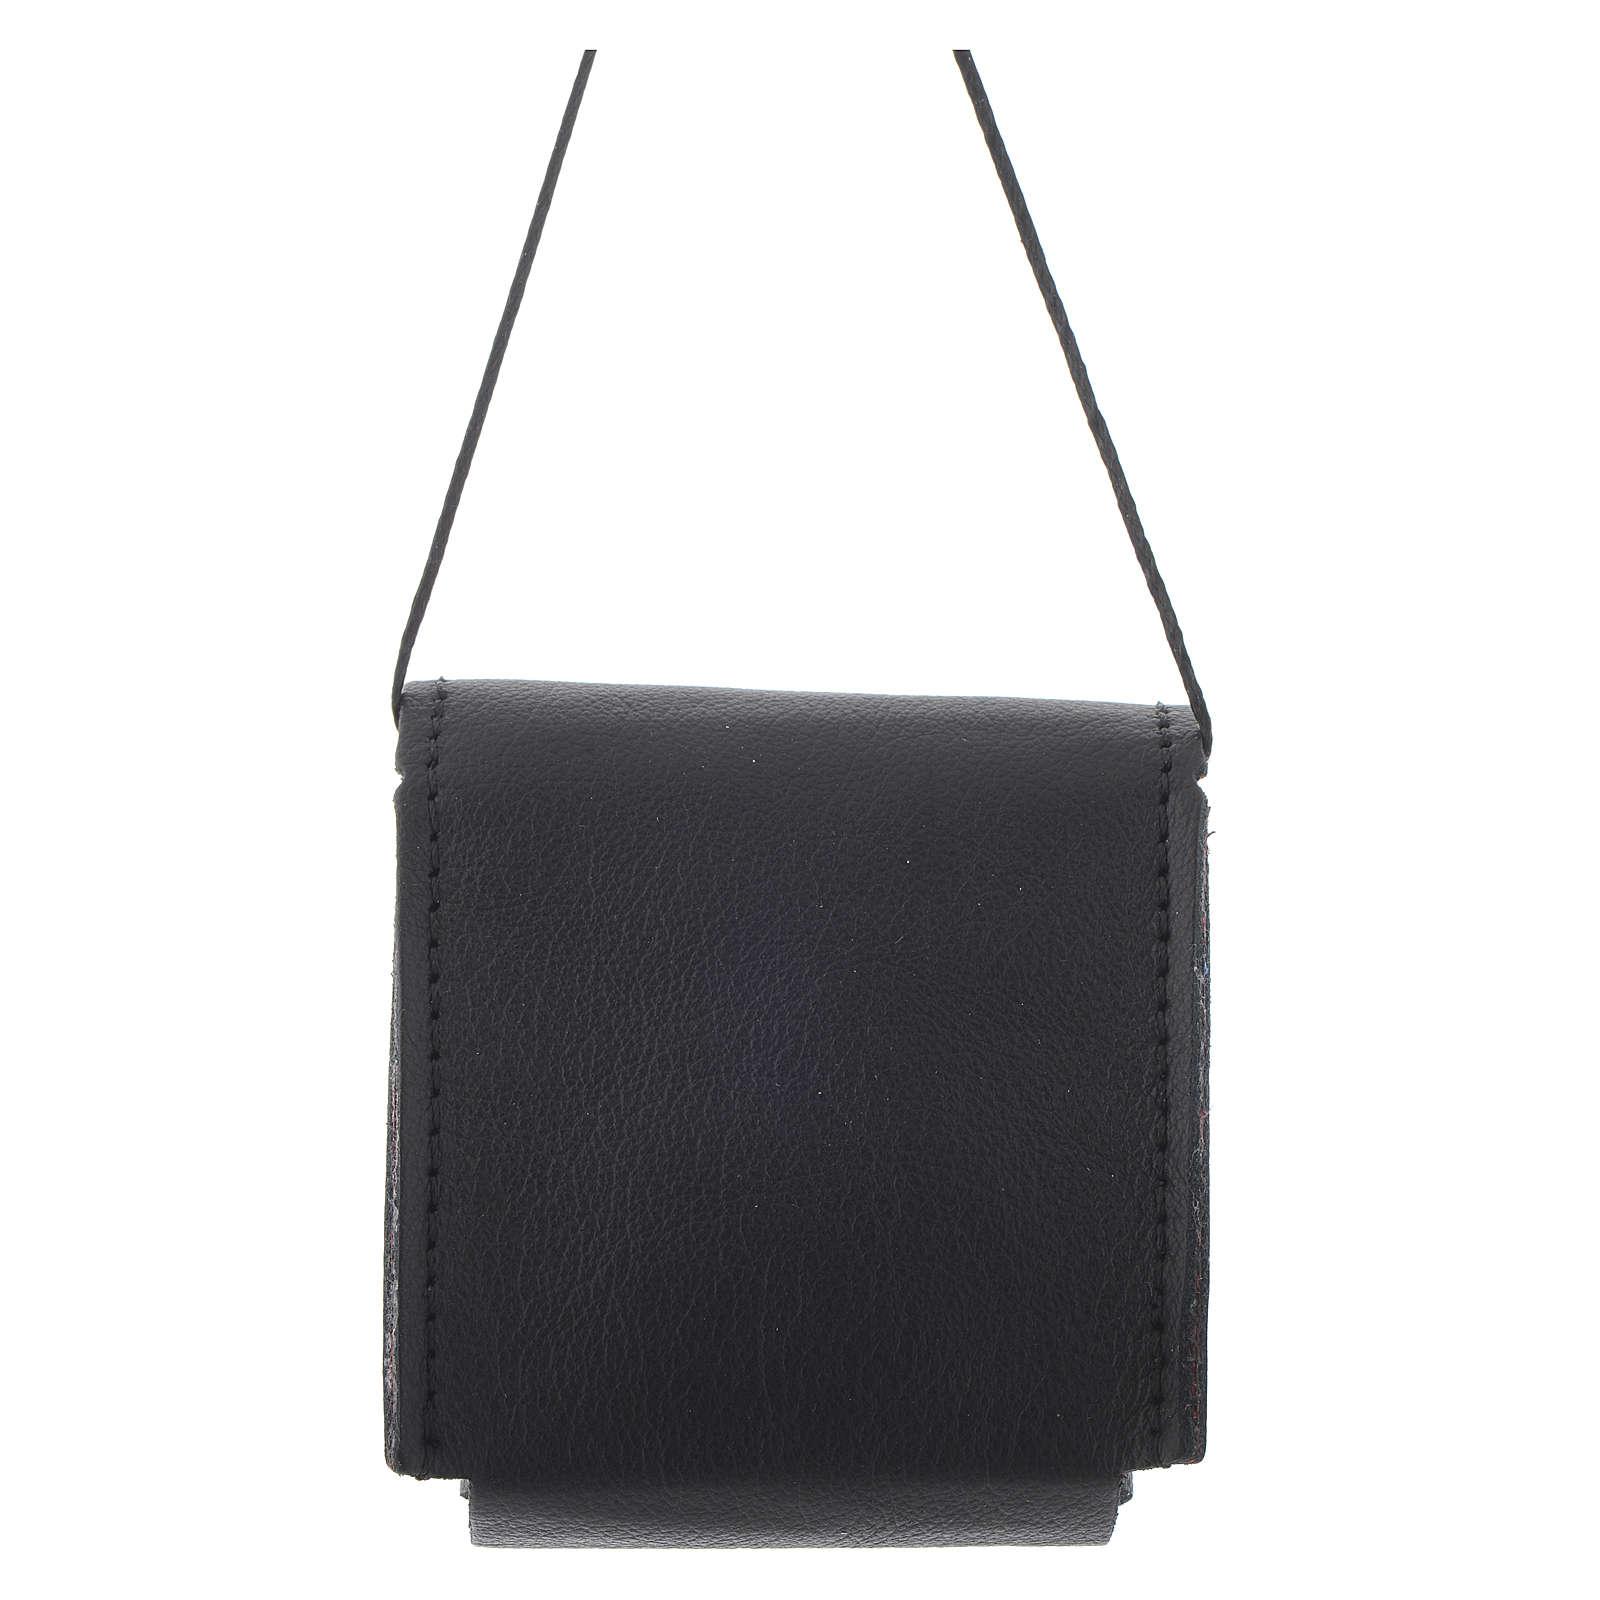 Estuche para caja de formas negro cuero 7 x 7,5 cm 3